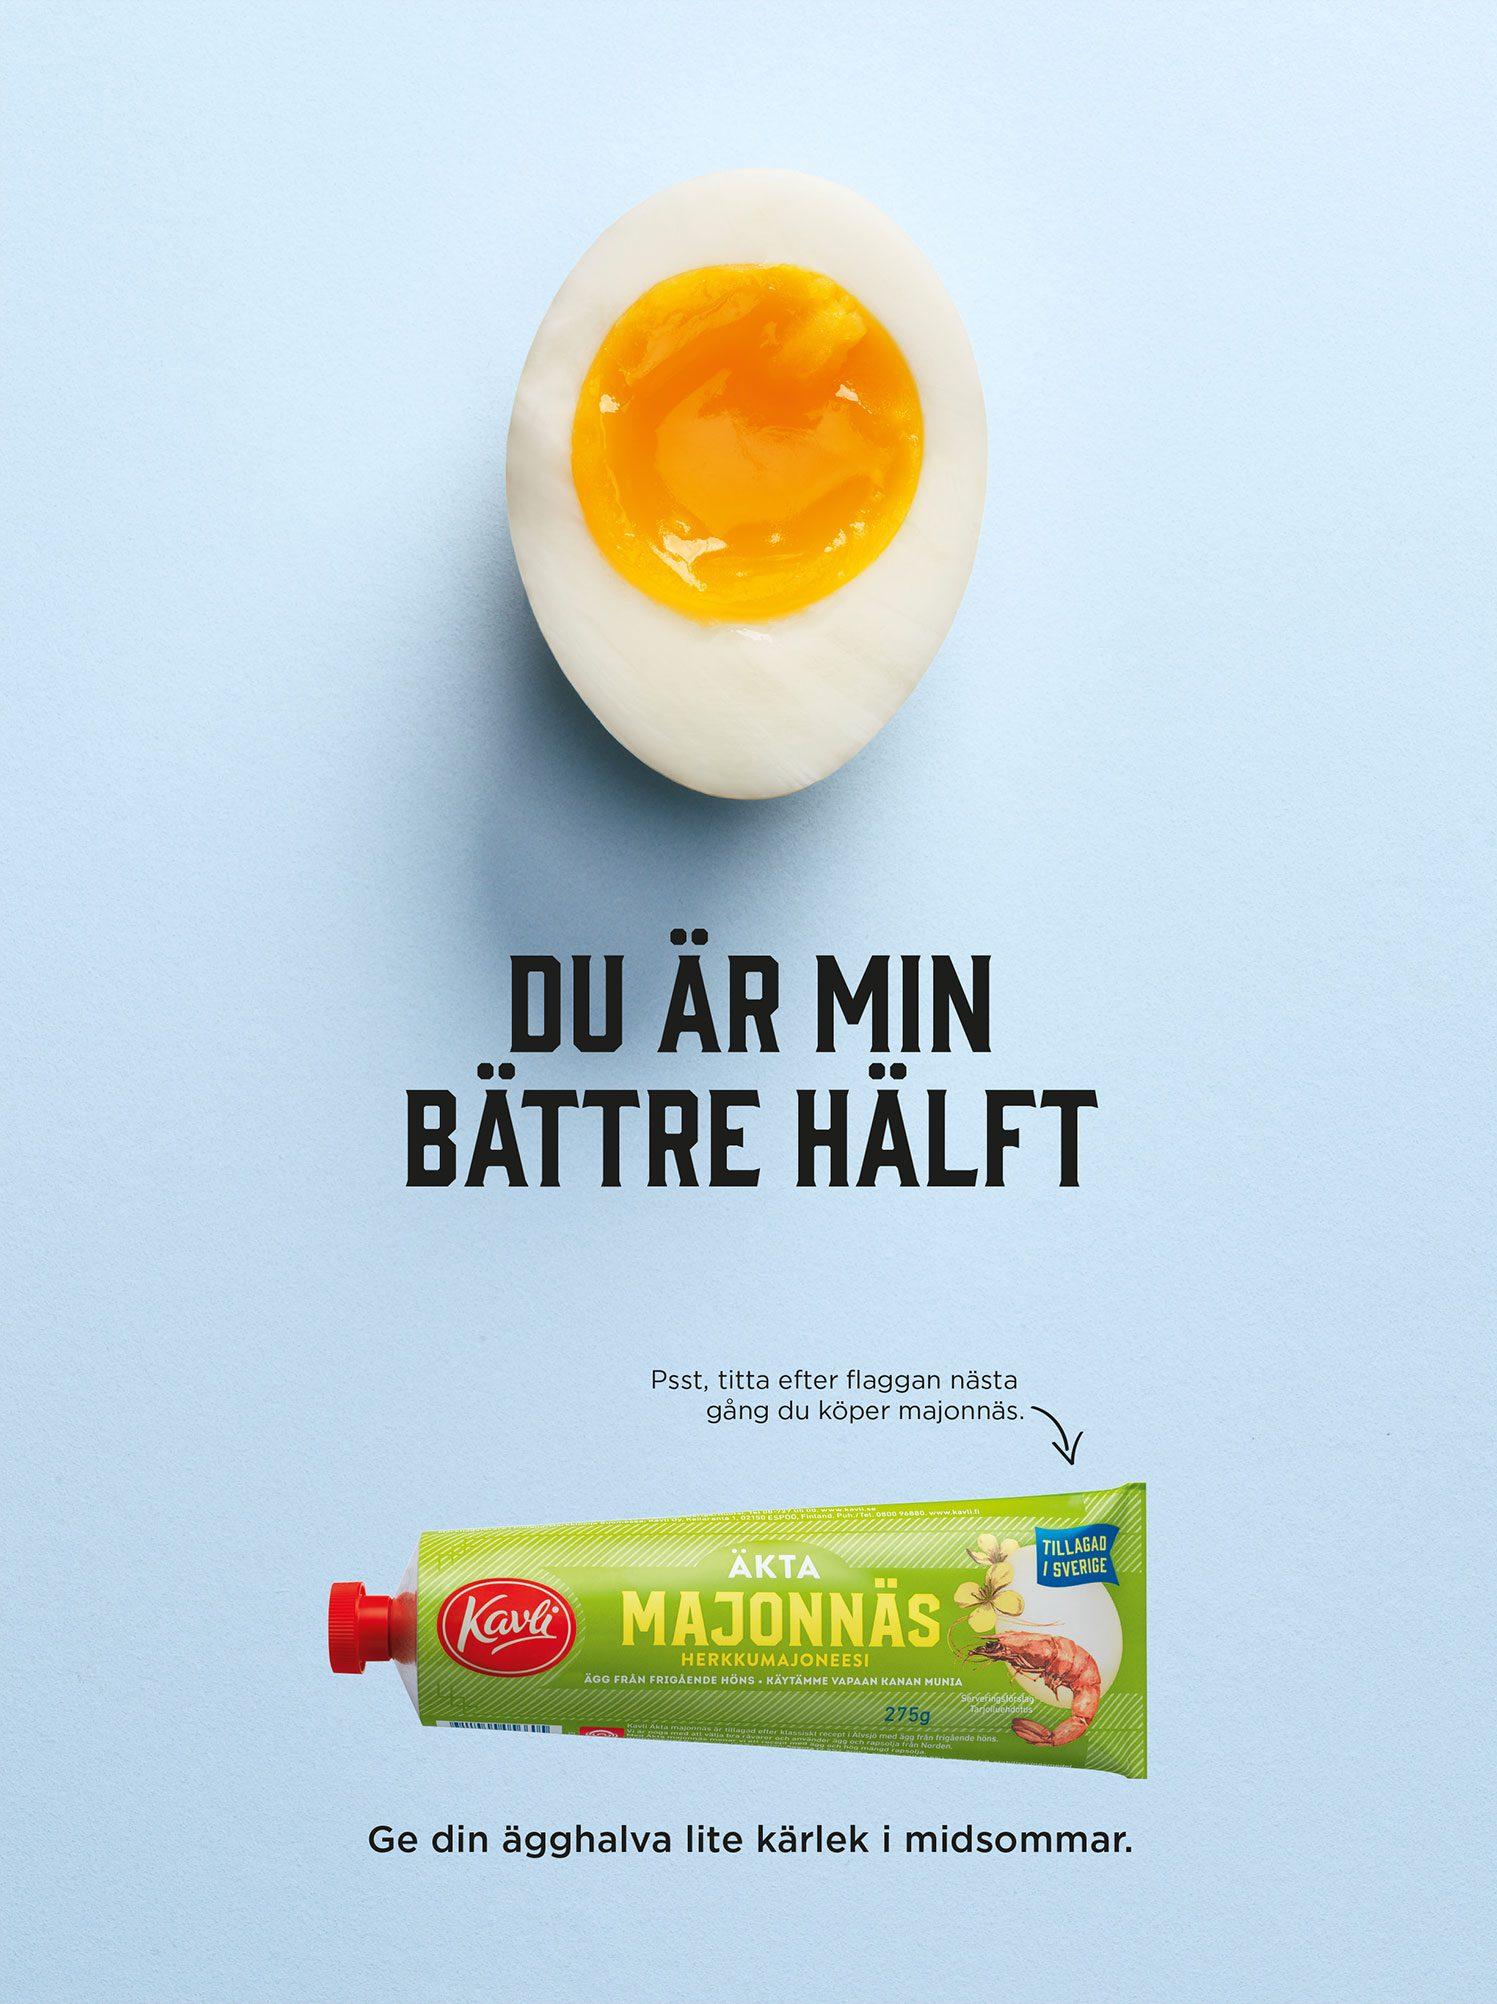 Kavli majonnäs annons